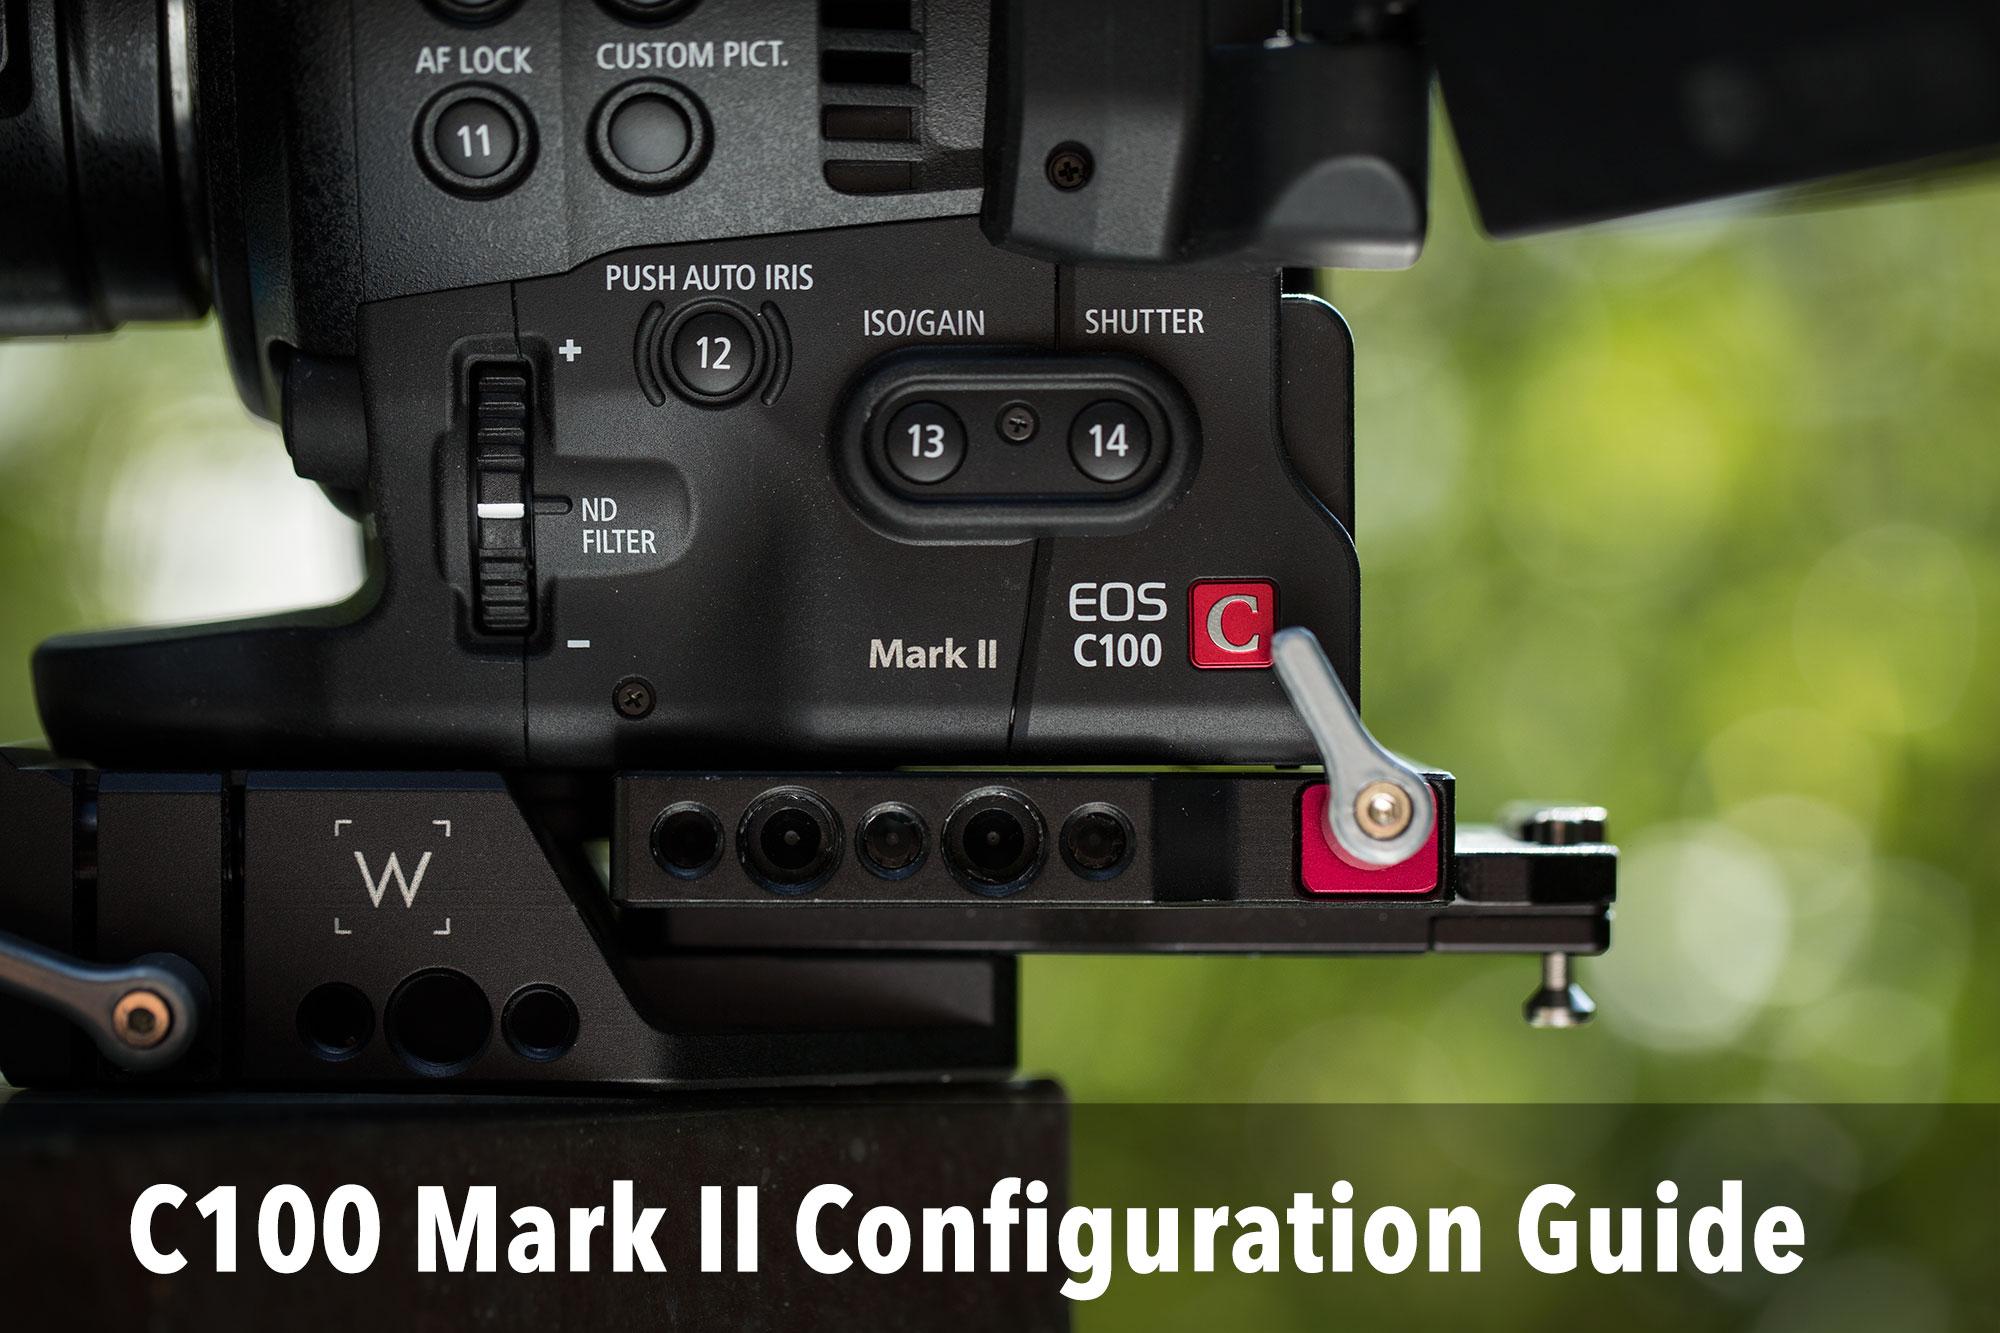 Canon C100 mkii configuration guide - Dan McComb